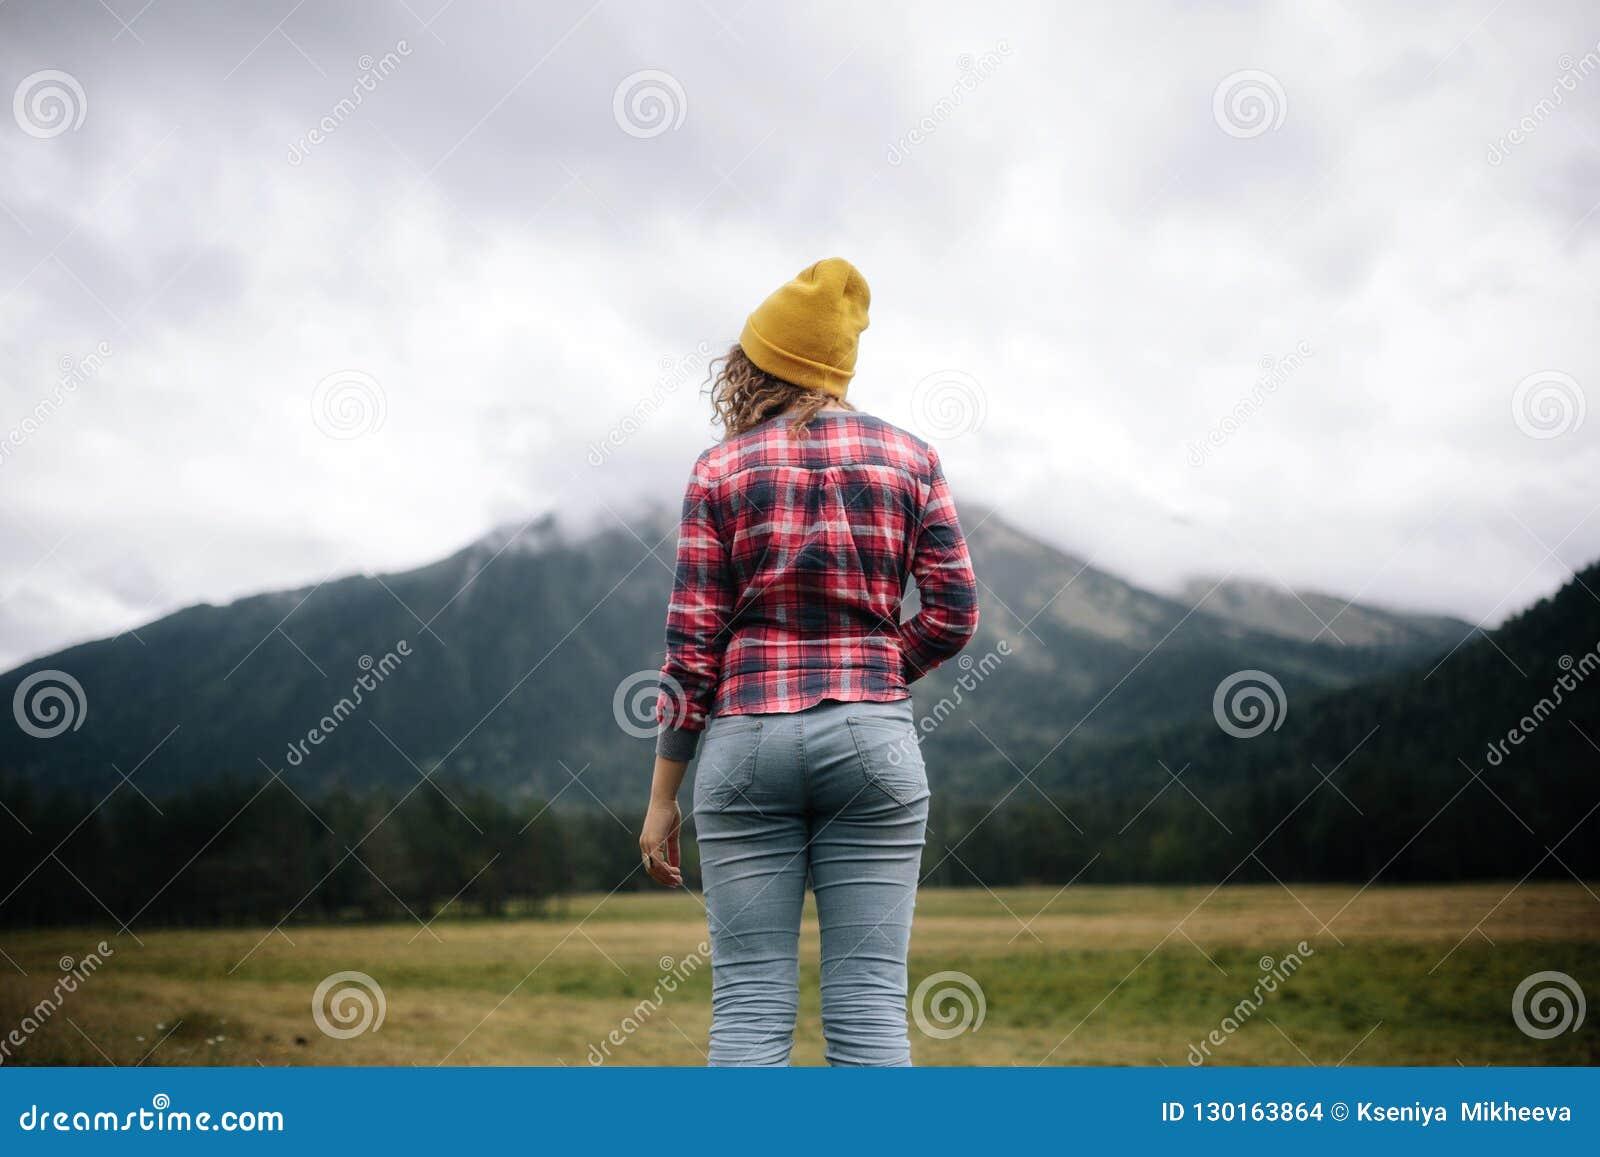 Ταξιδιώτης γυναικών που στέκεται να δει τα βουνά ορεινών περιοχών